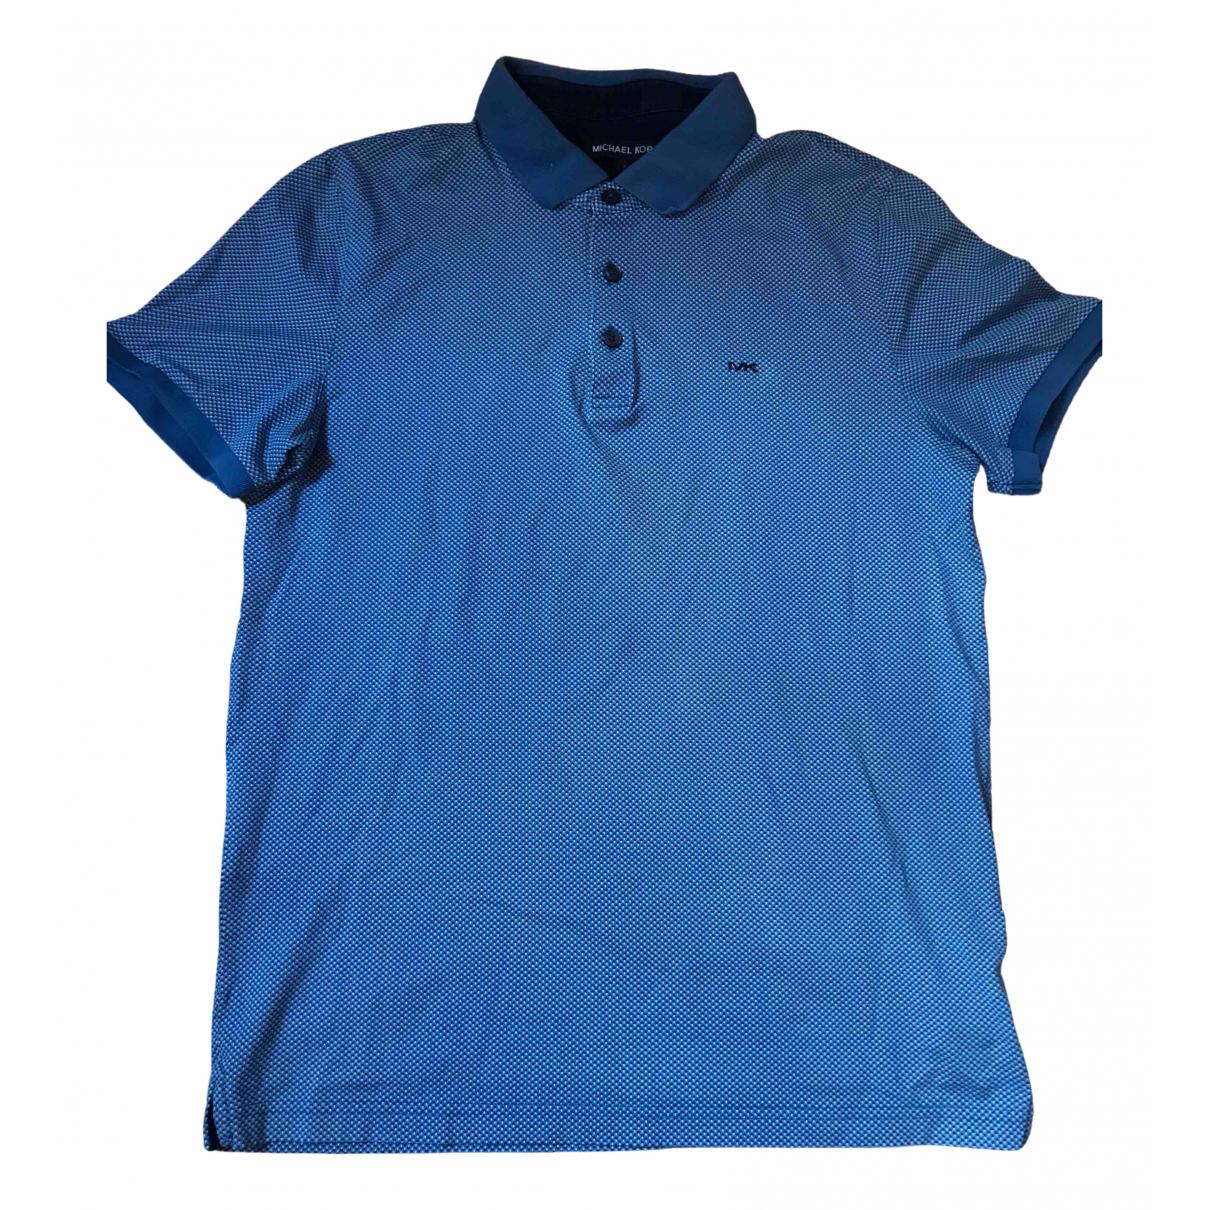 Michael Kors - Tee shirts   pour homme en coton - bleu